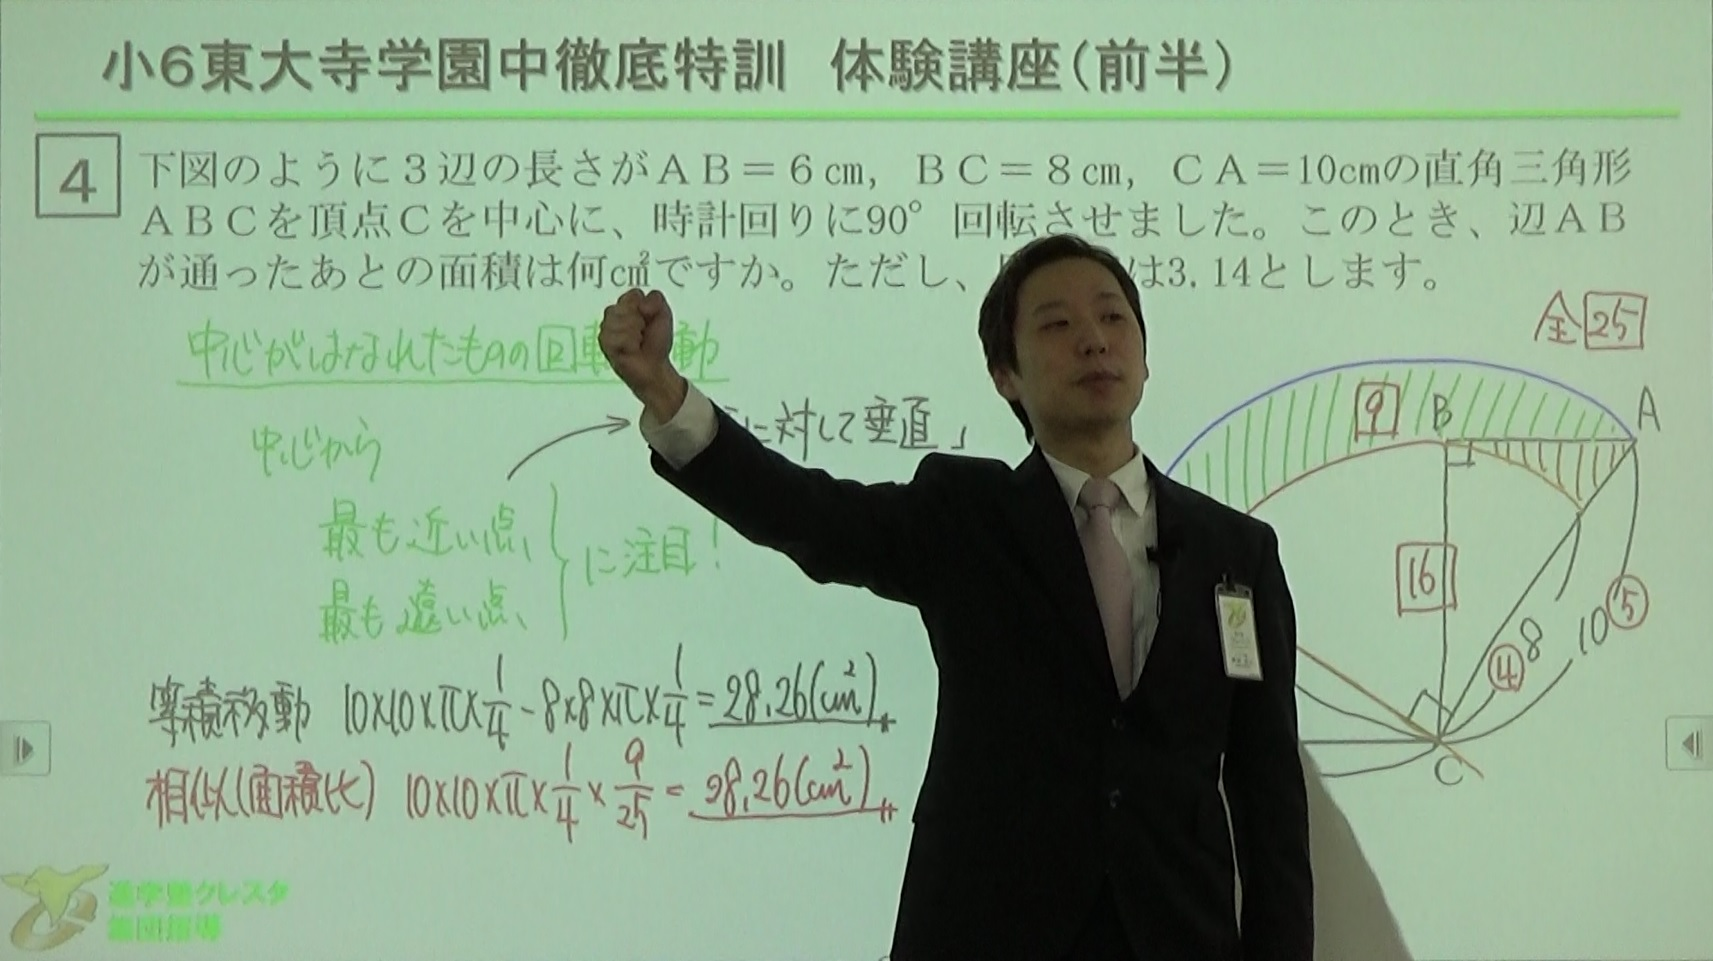 講義サンプルのイメージ